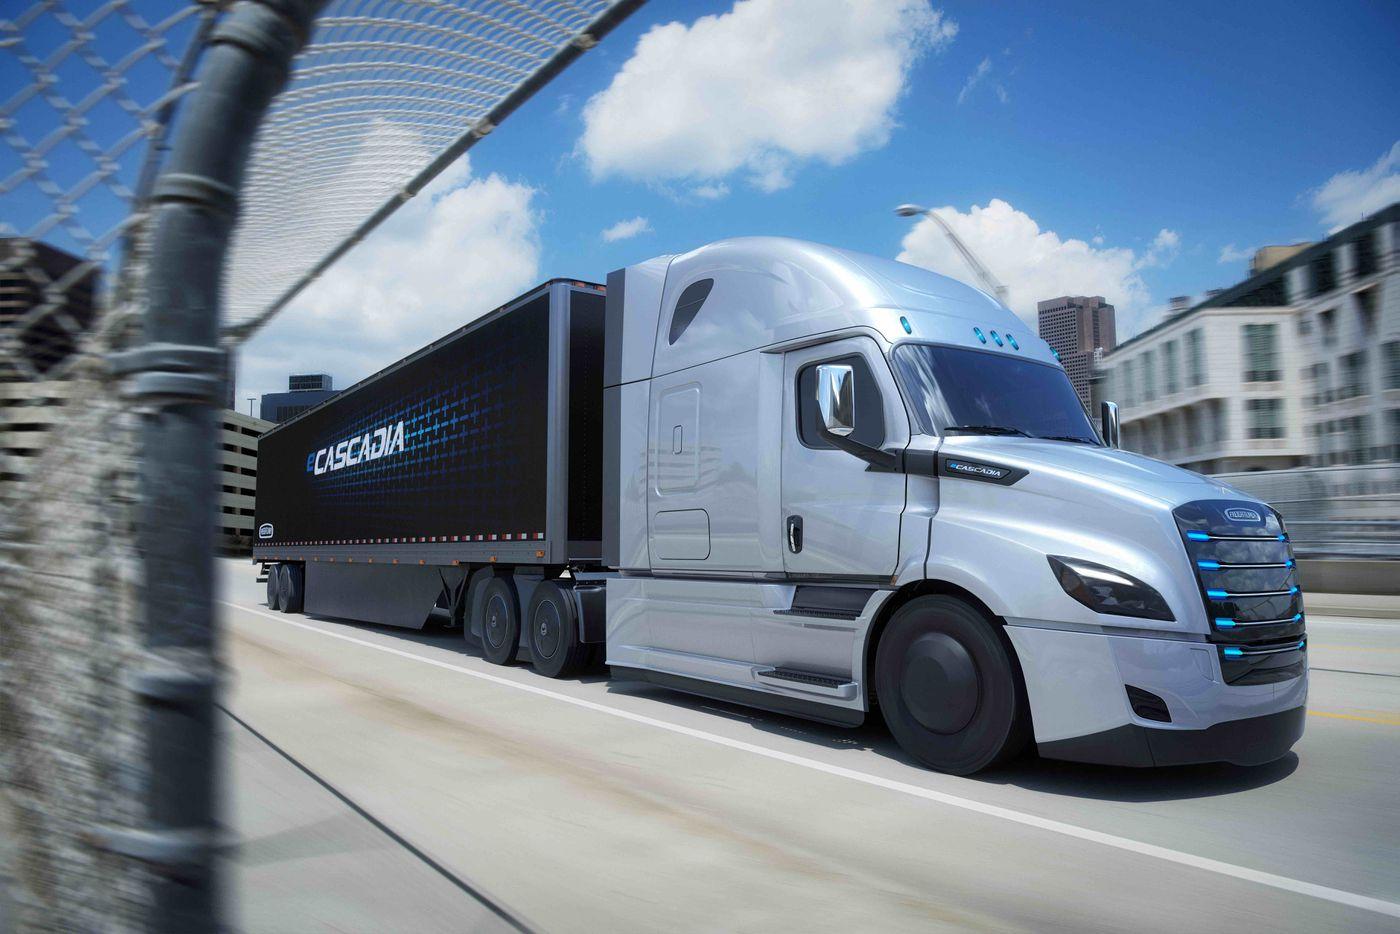 Daimler eCascadia electric truck